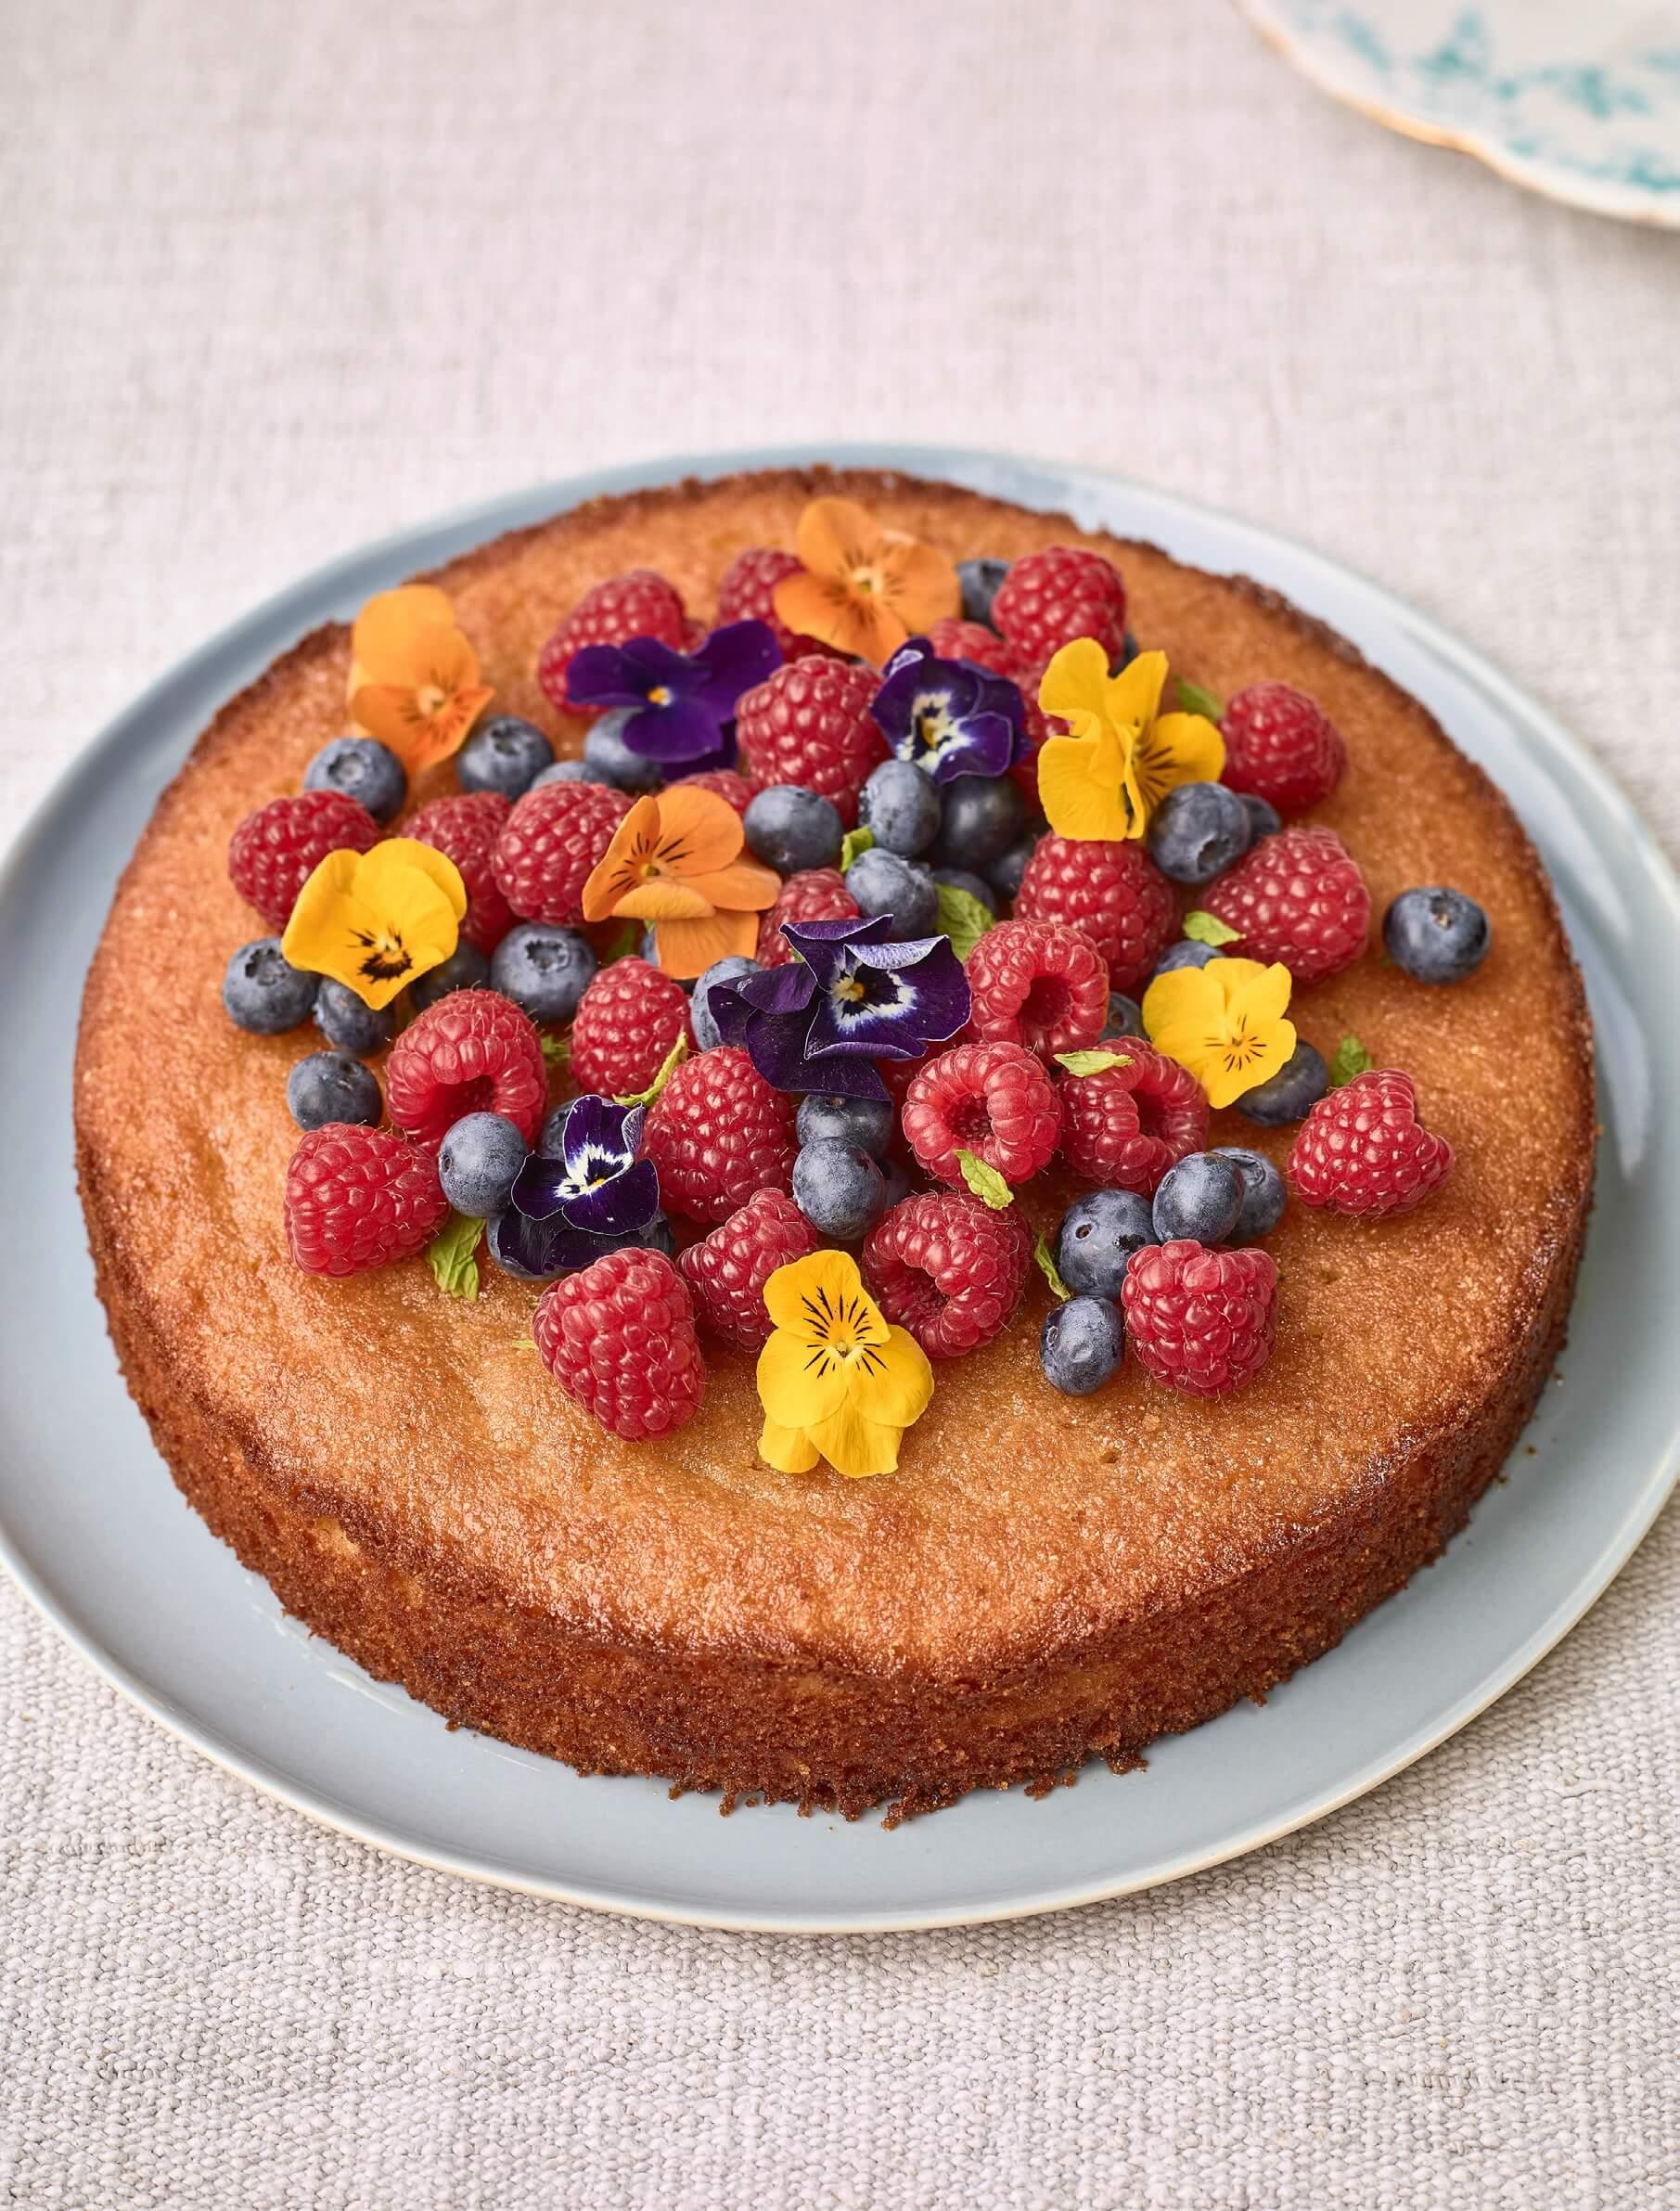 Gluten Free Cake Ground Almonds Maple Syrup